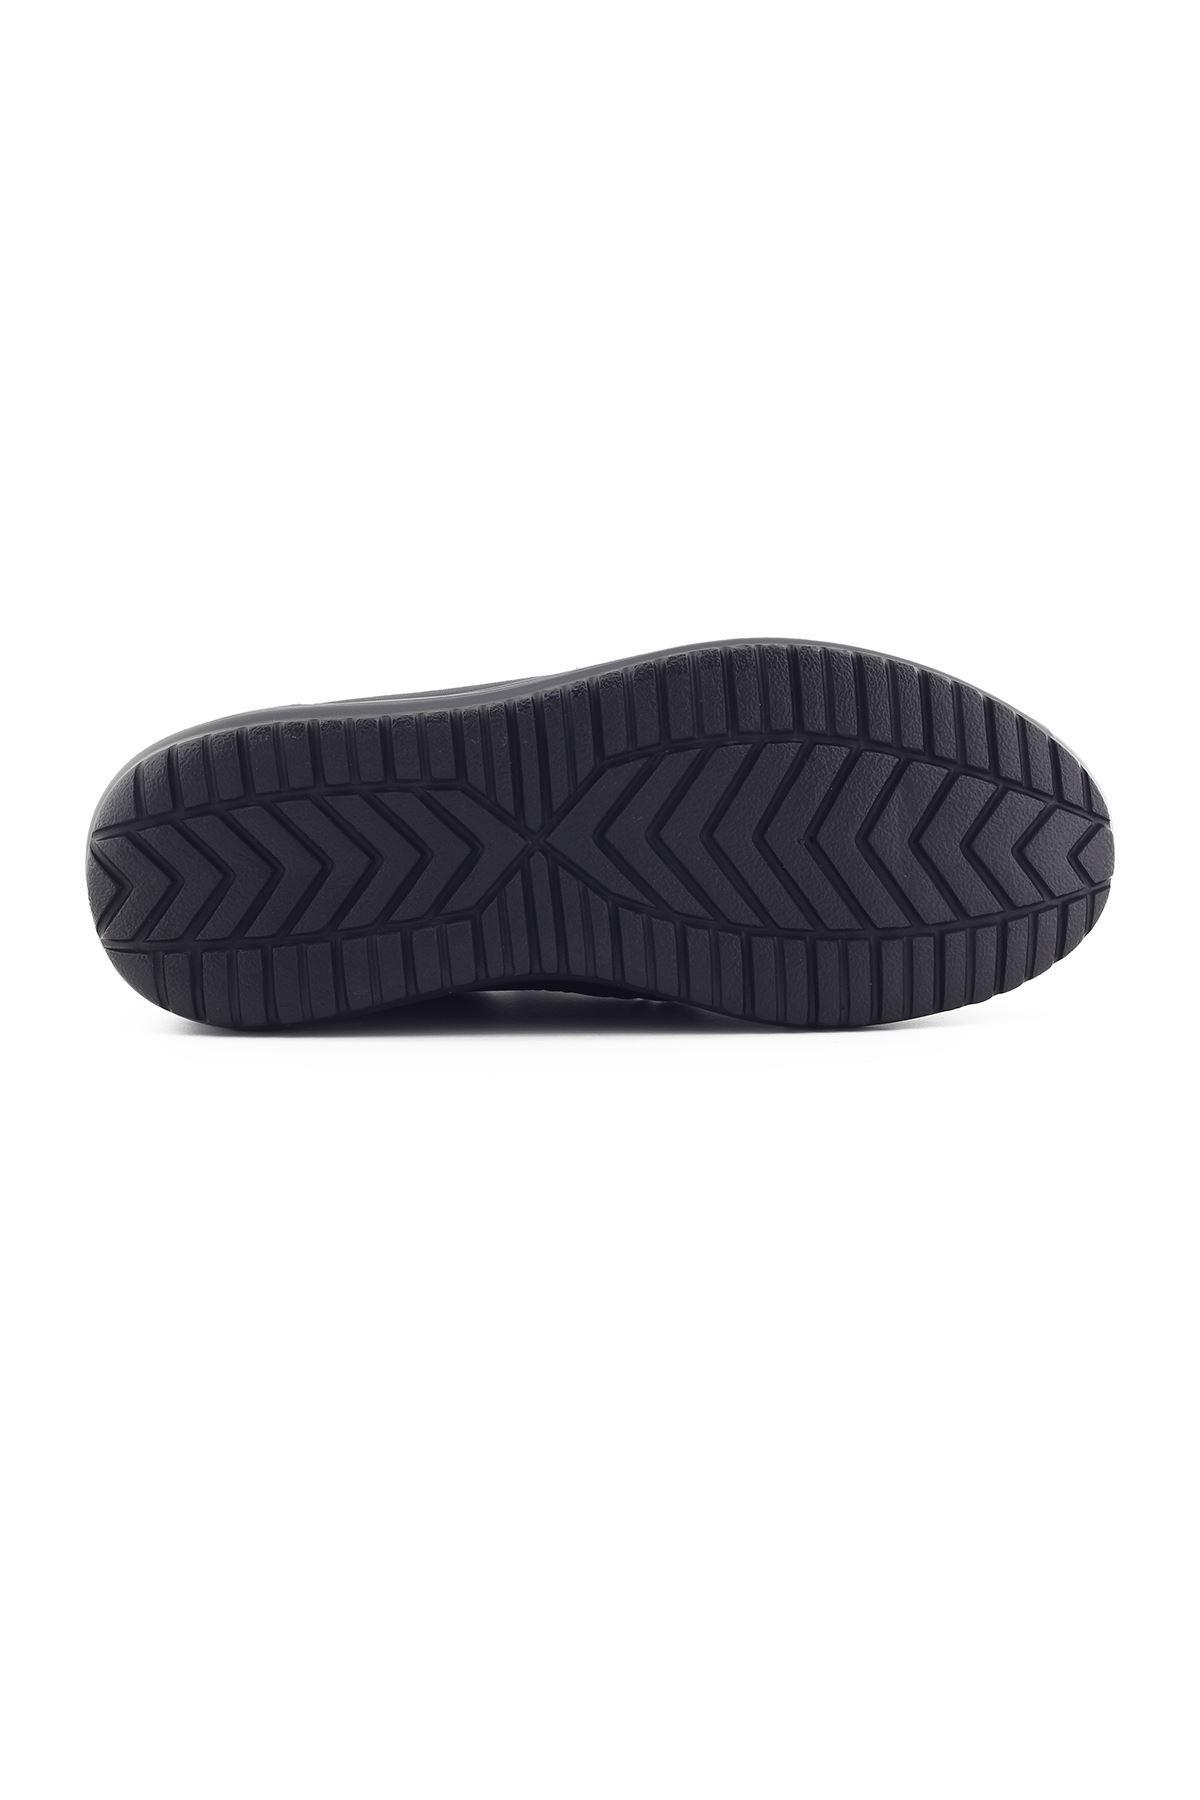 1655 Siyah Erkek Yürüyüş Ayakkabısı